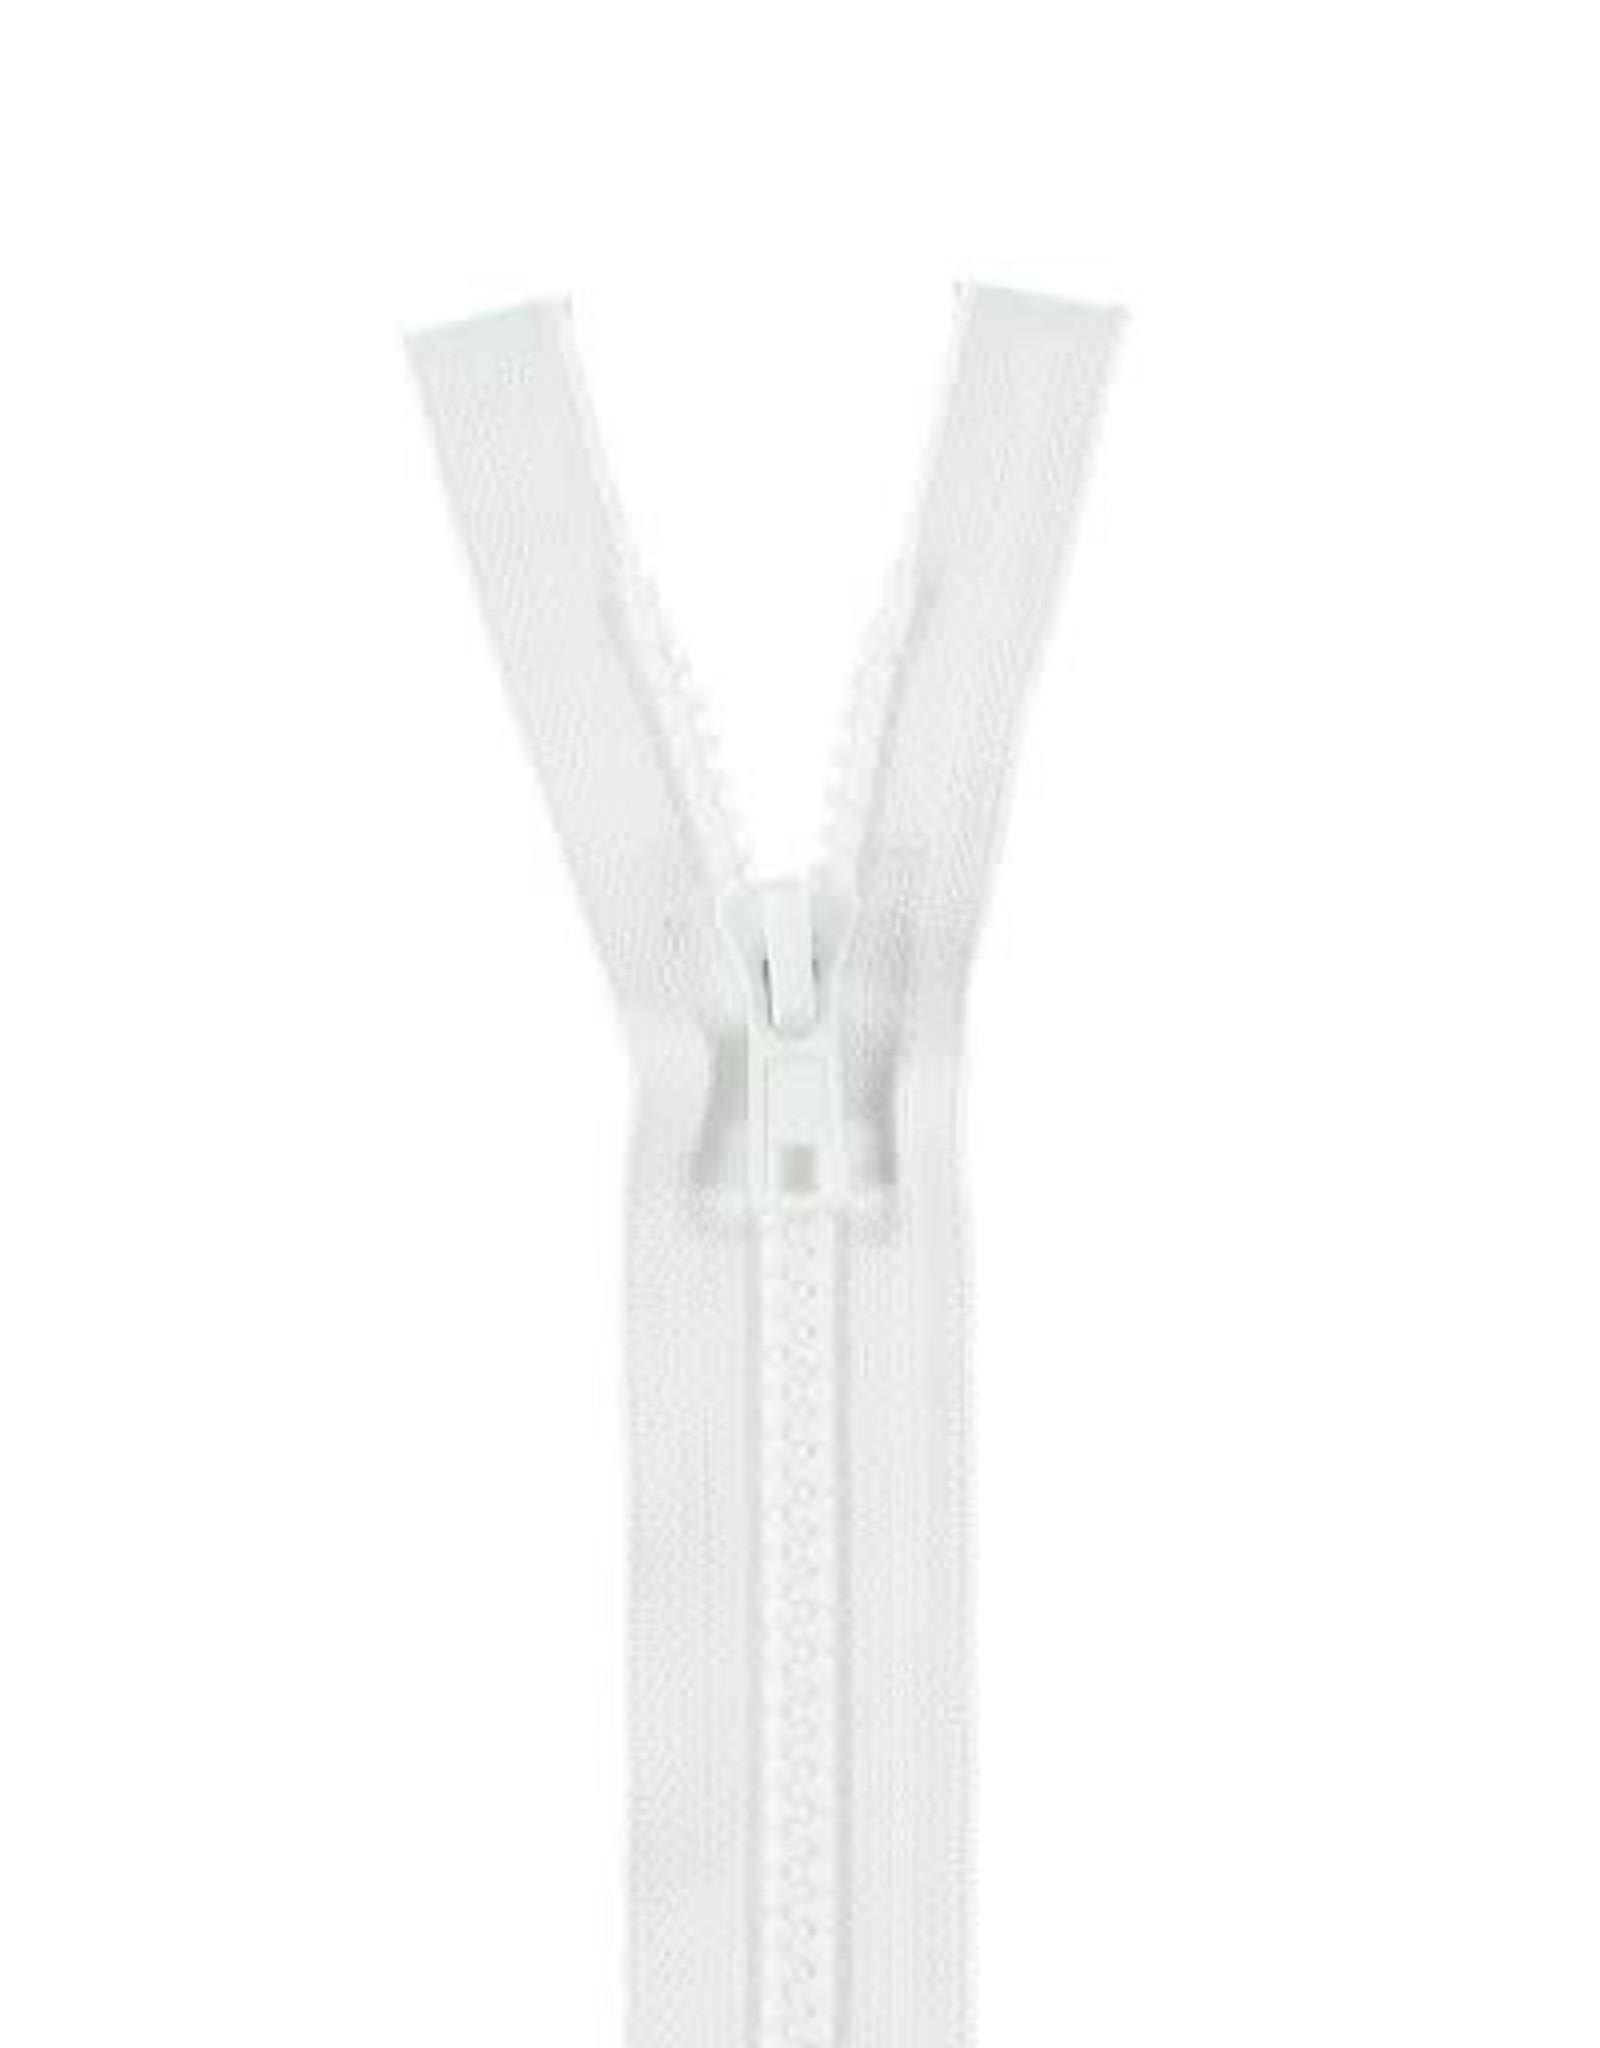 YKK BLOKRITS 5 DEELBAAR wit 501-75cm